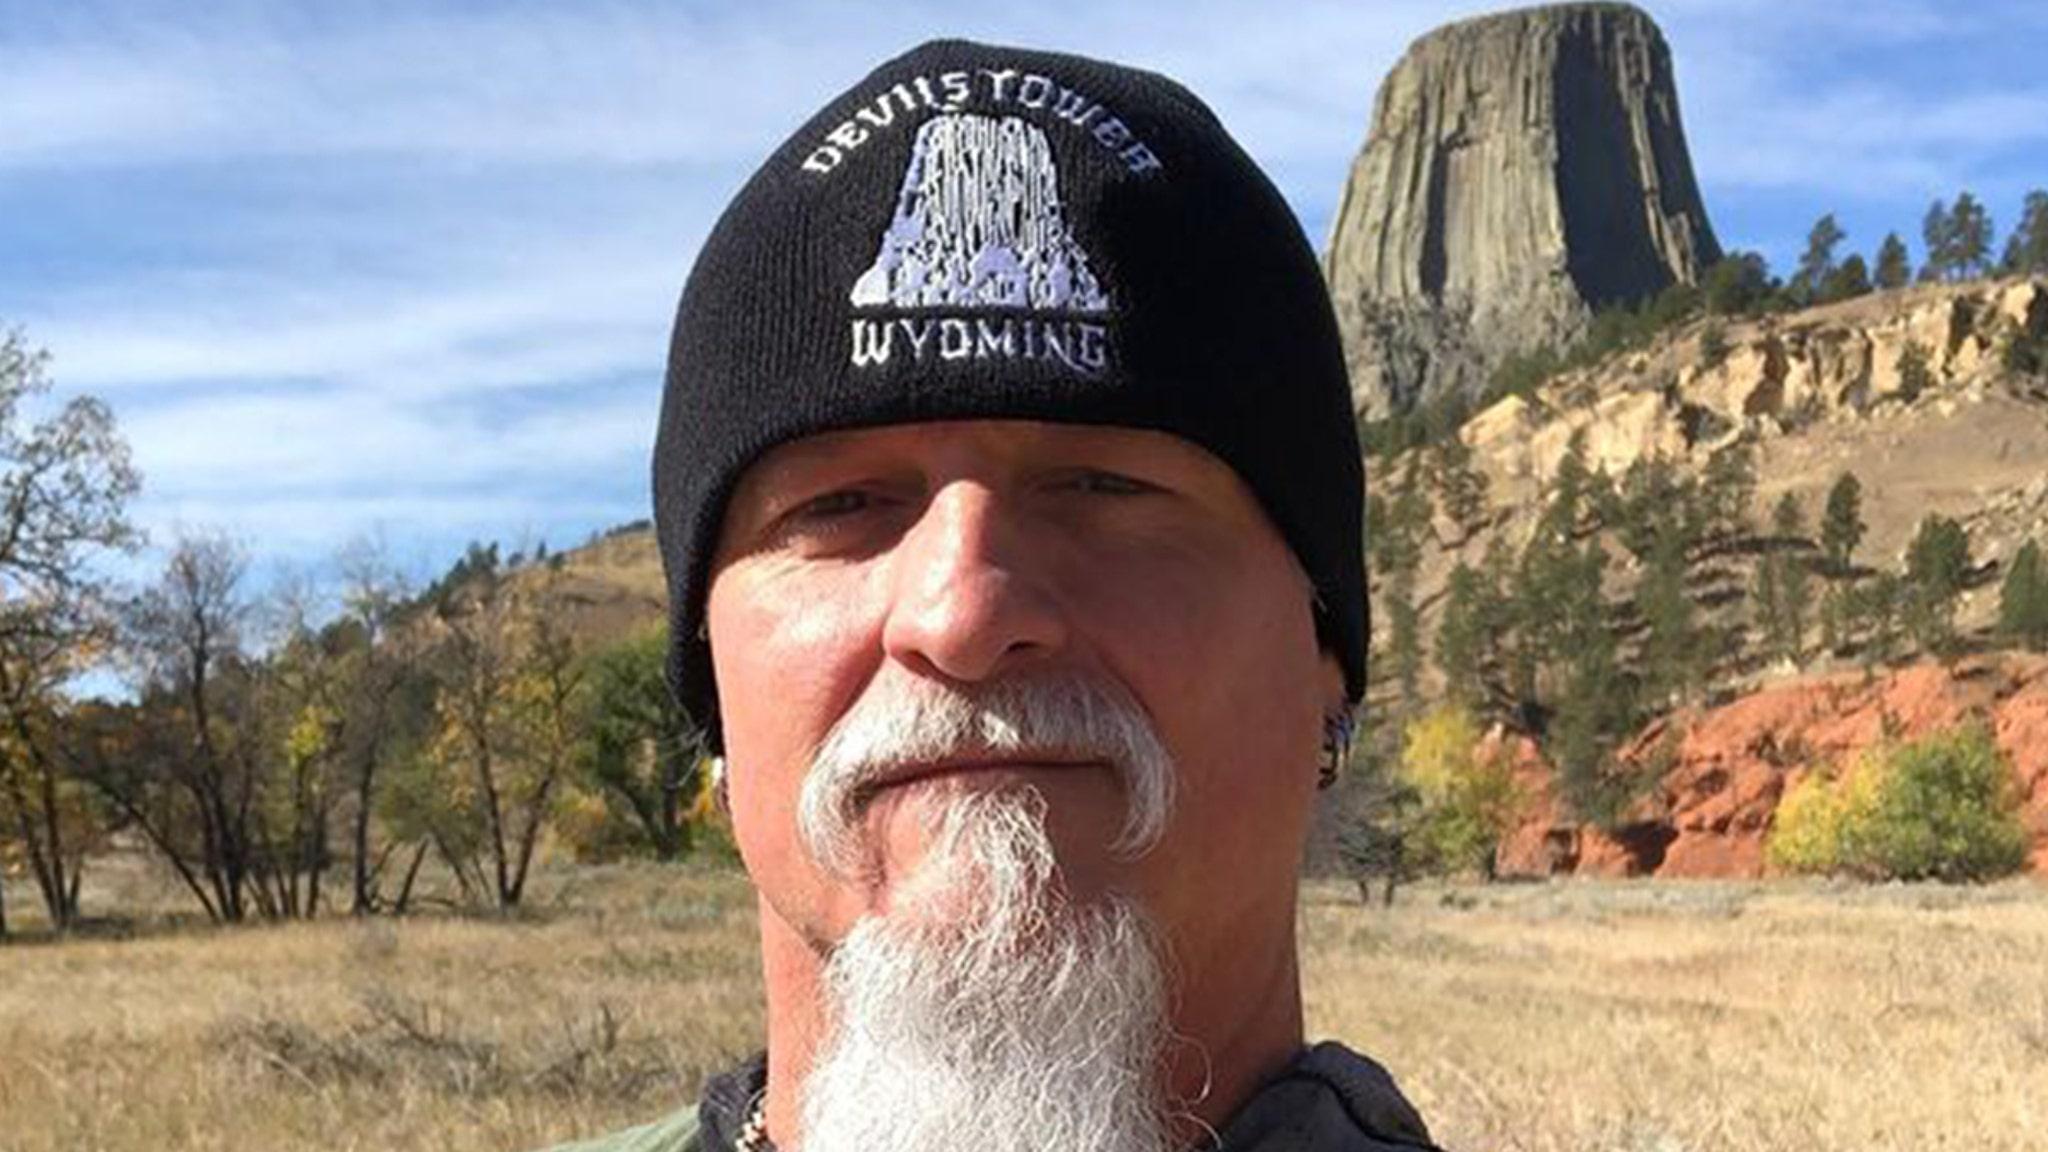 Основатель Iced Earth Джон Шаффер разыскивается федералами в Capitol Riot